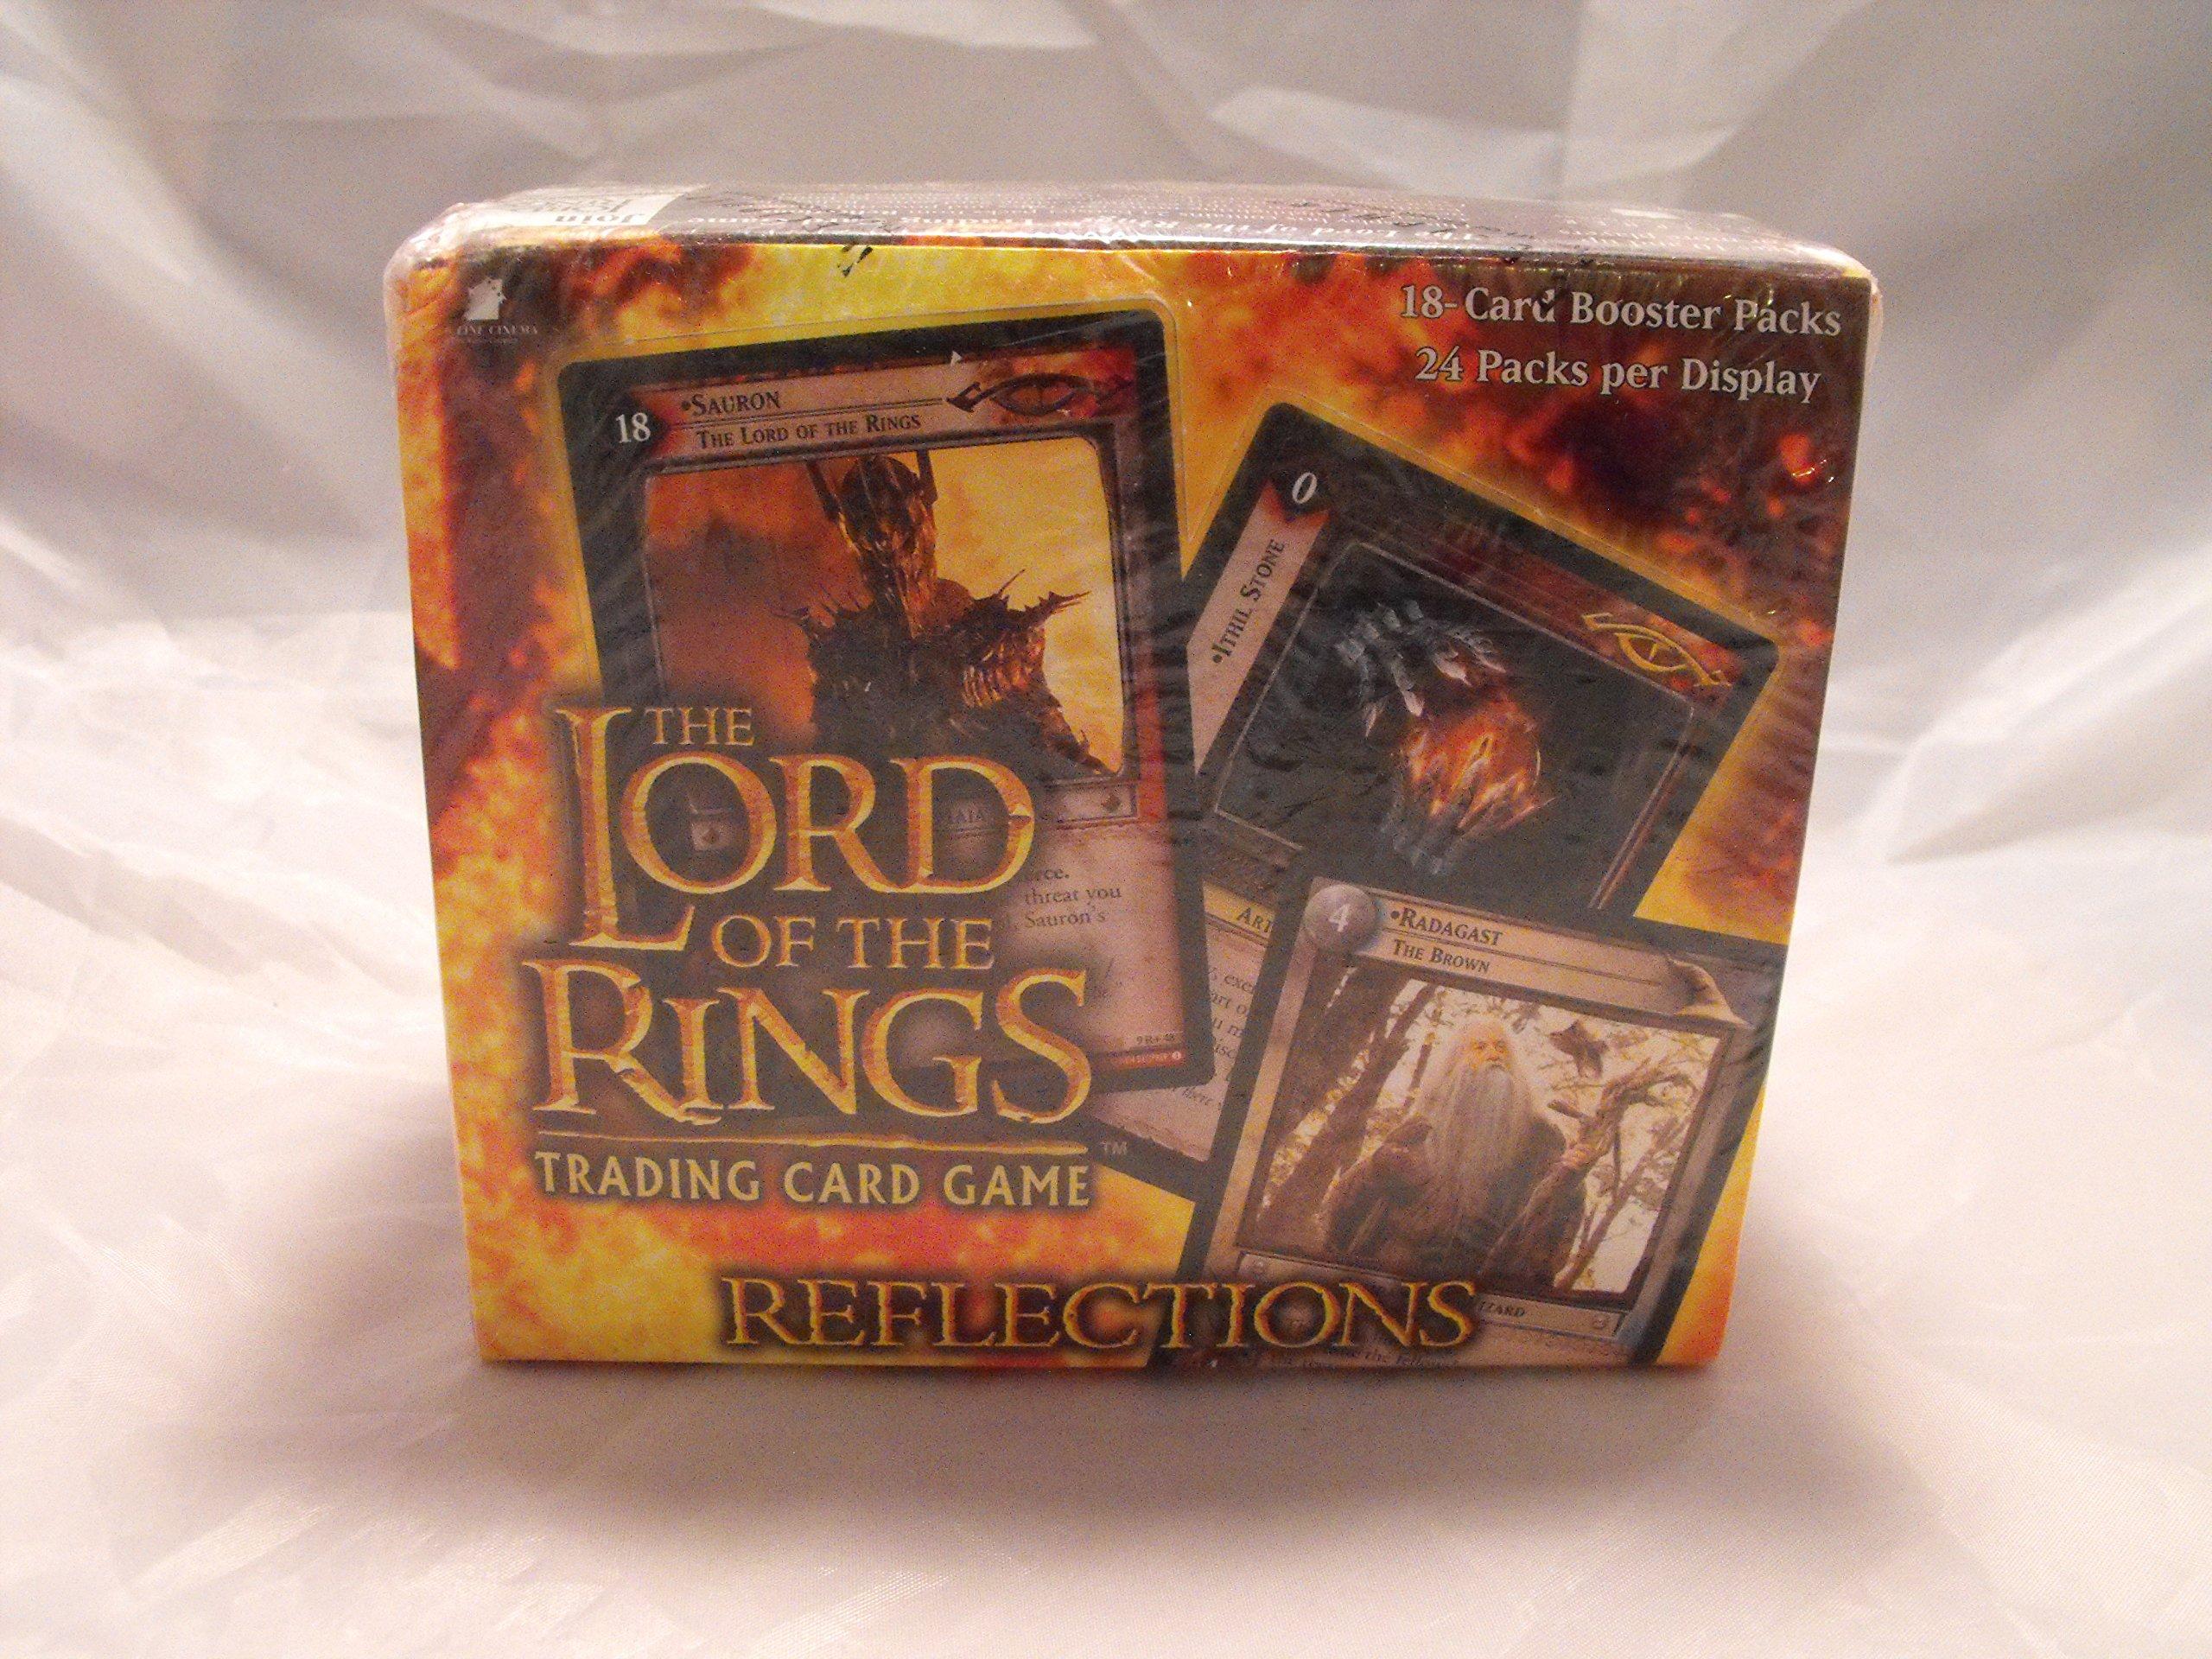 De el Señor de los anillos juego de cartas caja de amplificador de reflejos: Amazon.es: Juguetes y juegos